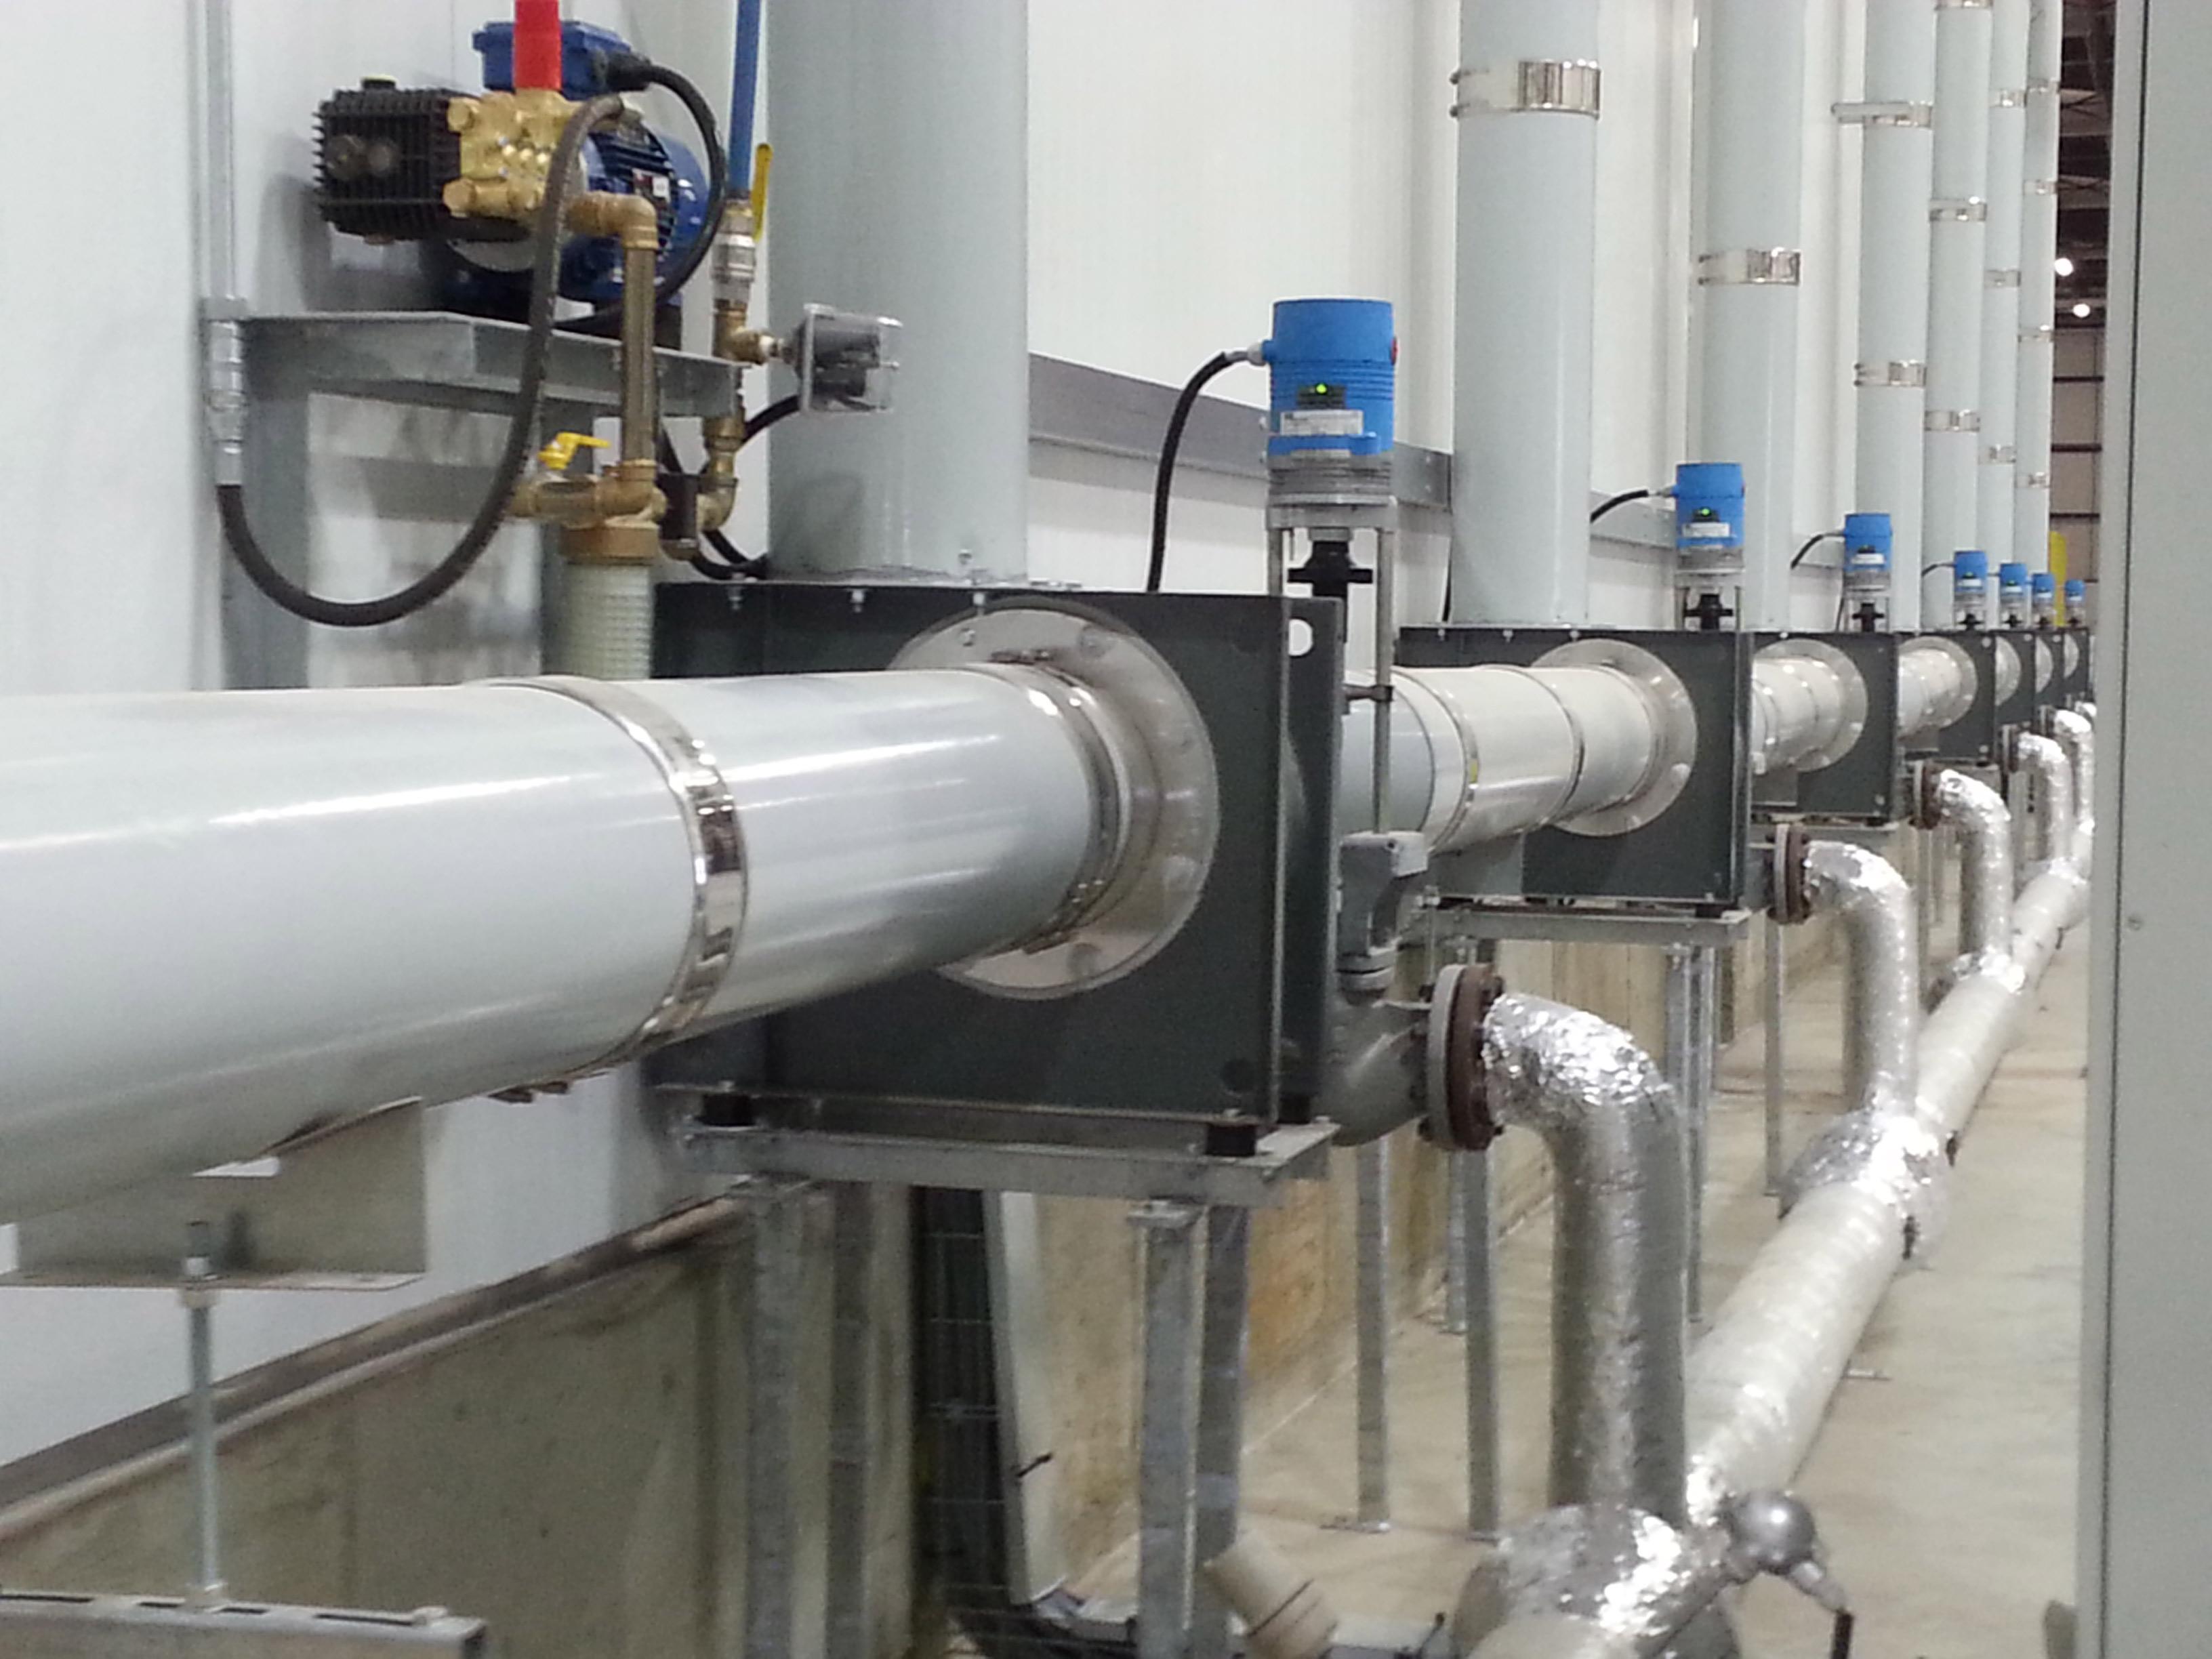 俄罗斯关税_低压蒸汽发生器混凝土养护系统高效安全